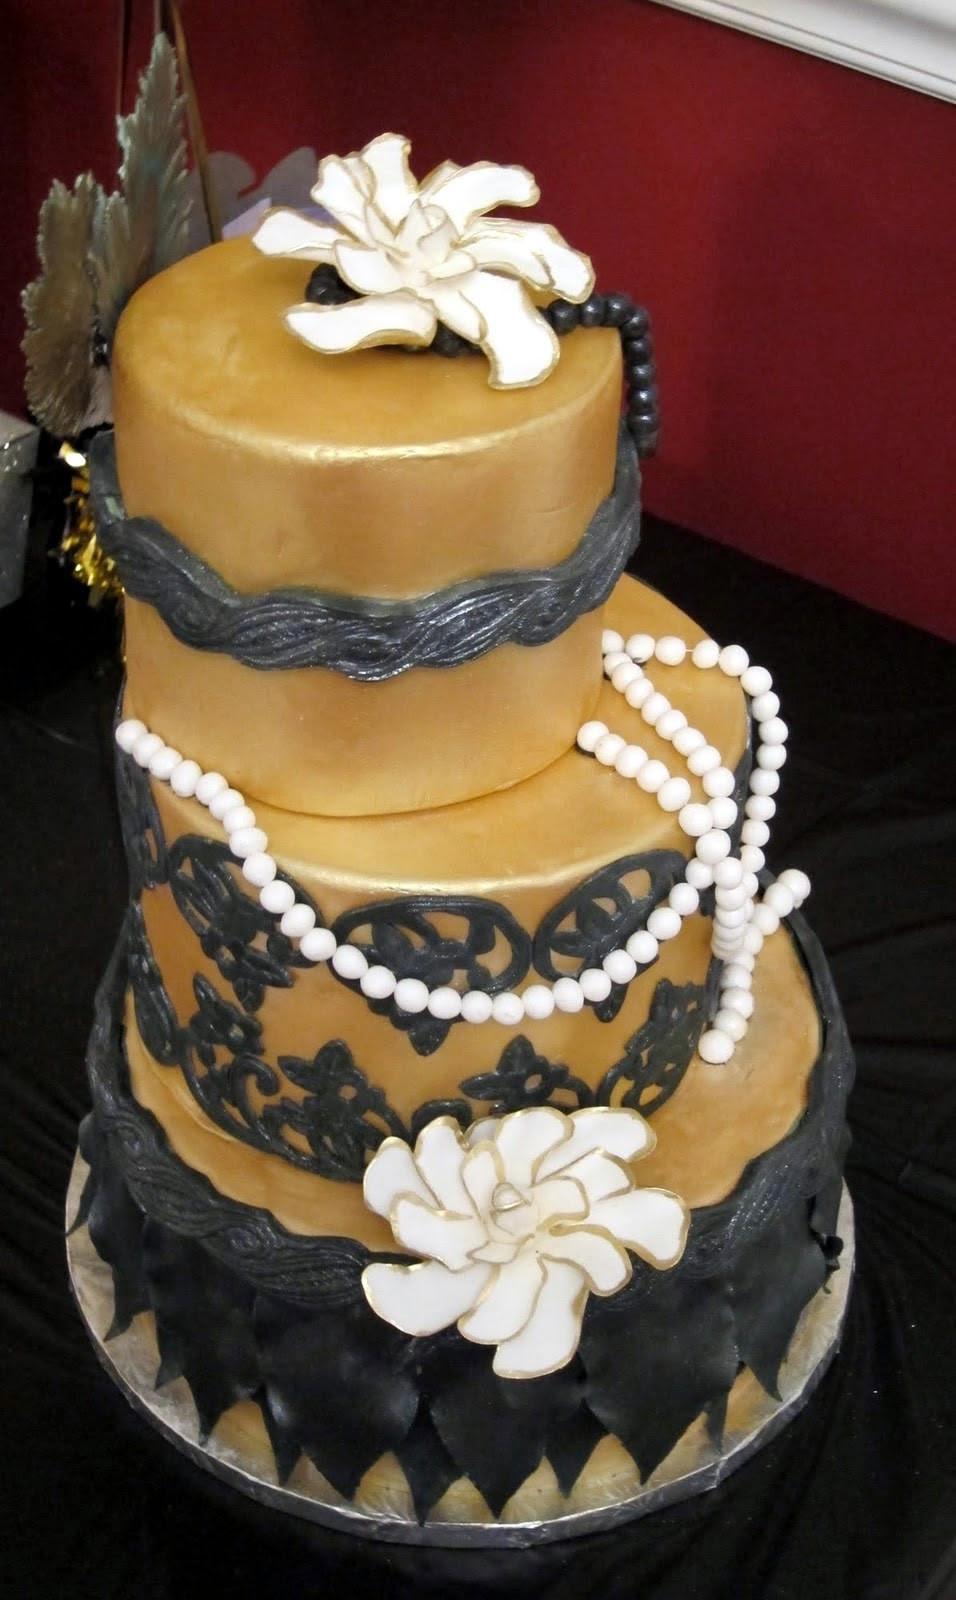 20 Birthday Cake  Cakegirl on the Run Roaring Twenties Birthday Cake